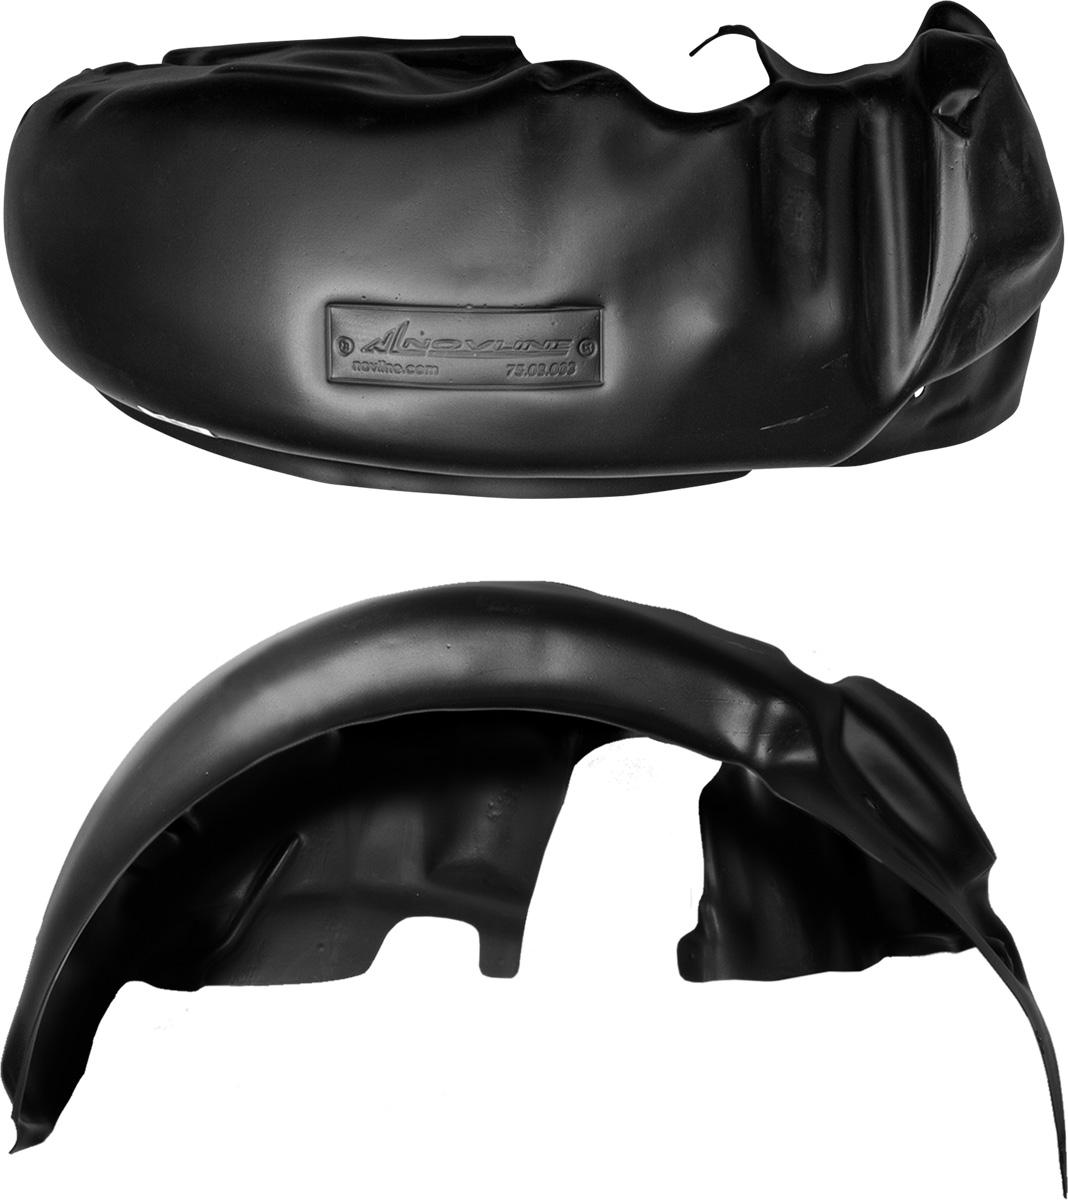 Подкрылок GREAT WALL Hover 2006-2010, задний левыйNLL.59.04.003Колесные ниши – одни из самых уязвимых зон днища вашего автомобиля. Они постоянно подвергаются воздействию со стороны дороги. Лучшая, почти абсолютная защита для них - специально отформованные пластиковые кожухи, которые называются подкрылками, или локерами. Производятся они как для отечественных моделей автомобилей, так и для иномарок. Подкрылки выполнены из высококачественного, экологически чистого пластика. Обеспечивают надежную защиту кузова автомобиля от пескоструйного эффекта и негативного влияния, агрессивных антигололедных реагентов. Пластик обладает более низкой теплопроводностью, чем металл, поэтому в зимний период эксплуатации использование пластиковых подкрылков позволяет лучше защитить колесные ниши от налипания снега и образования наледи. Оригинальность конструкции подчеркивает элегантность автомобиля, бережно защищает нанесенное на днище кузова антикоррозийное покрытие и позволяет осуществить крепление подкрылков внутри колесной арки практически без дополнительного...